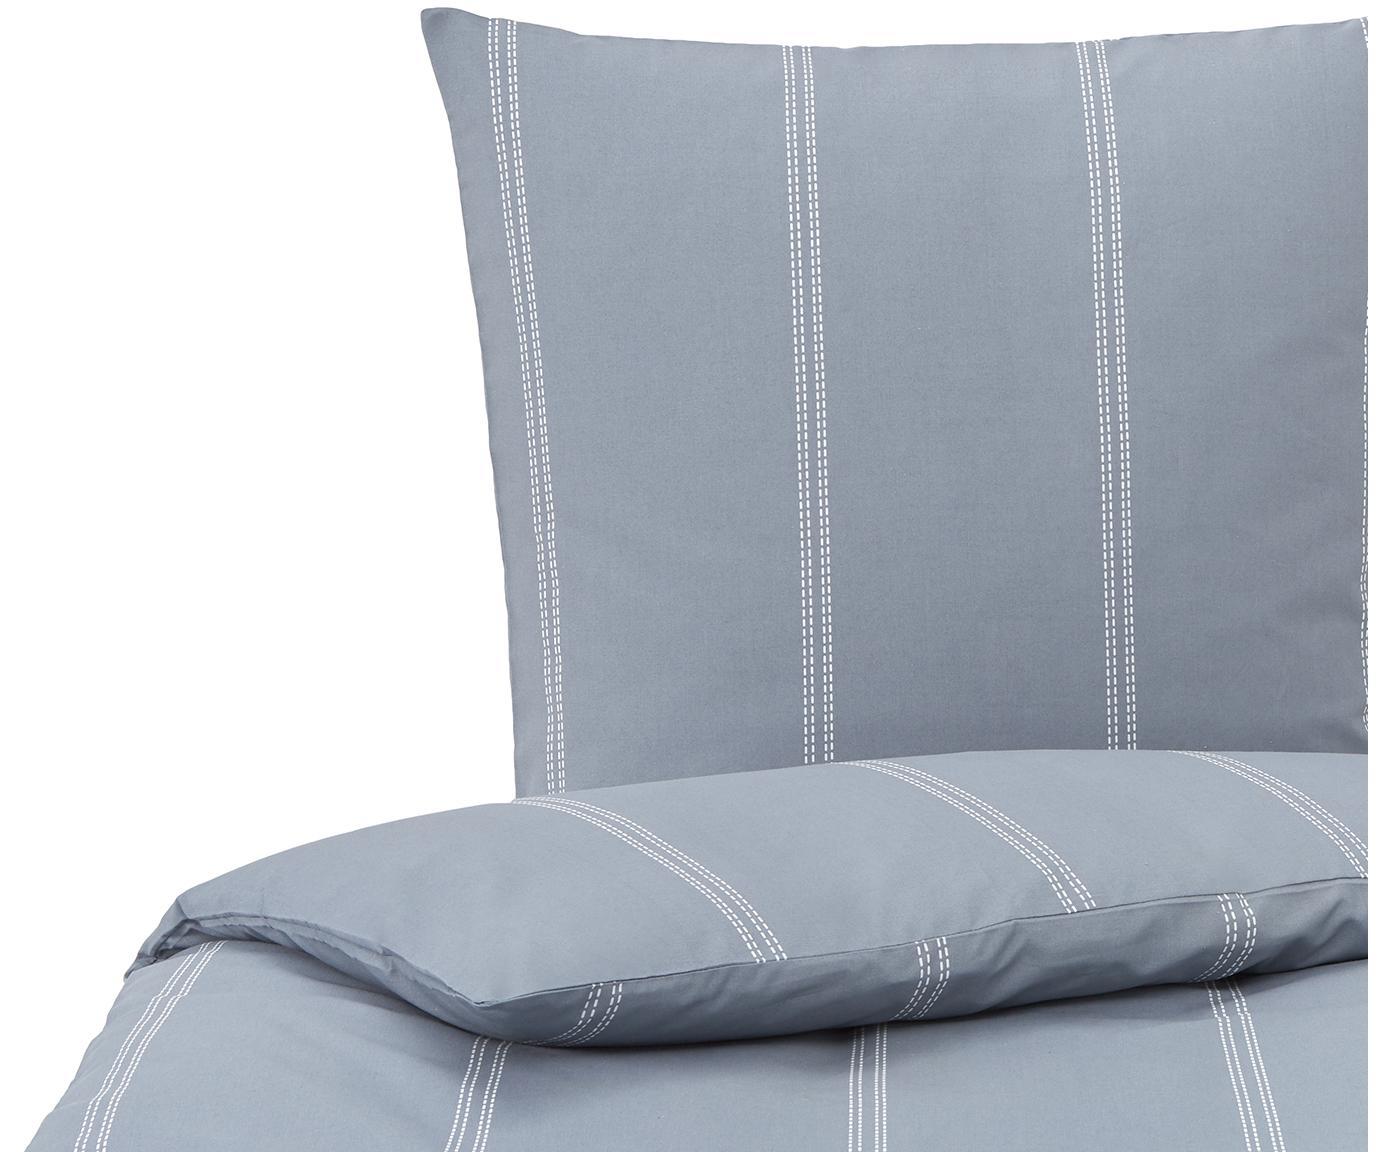 Bedruckte Bettwäsche Remade in Blau, 52% recyceltes Polyester, 48% recycelte Baumwollel  Fadendichte 120 TC, Standard Qualität  Die Kombination aus recyceltem Polyester und Baumwolle ist nachhaltig, fühlt sich weich an und ist zudem schnell trocknend., Blau, Weiß, 135 x 200 cm + 1 Kissen 80 x 80 cm